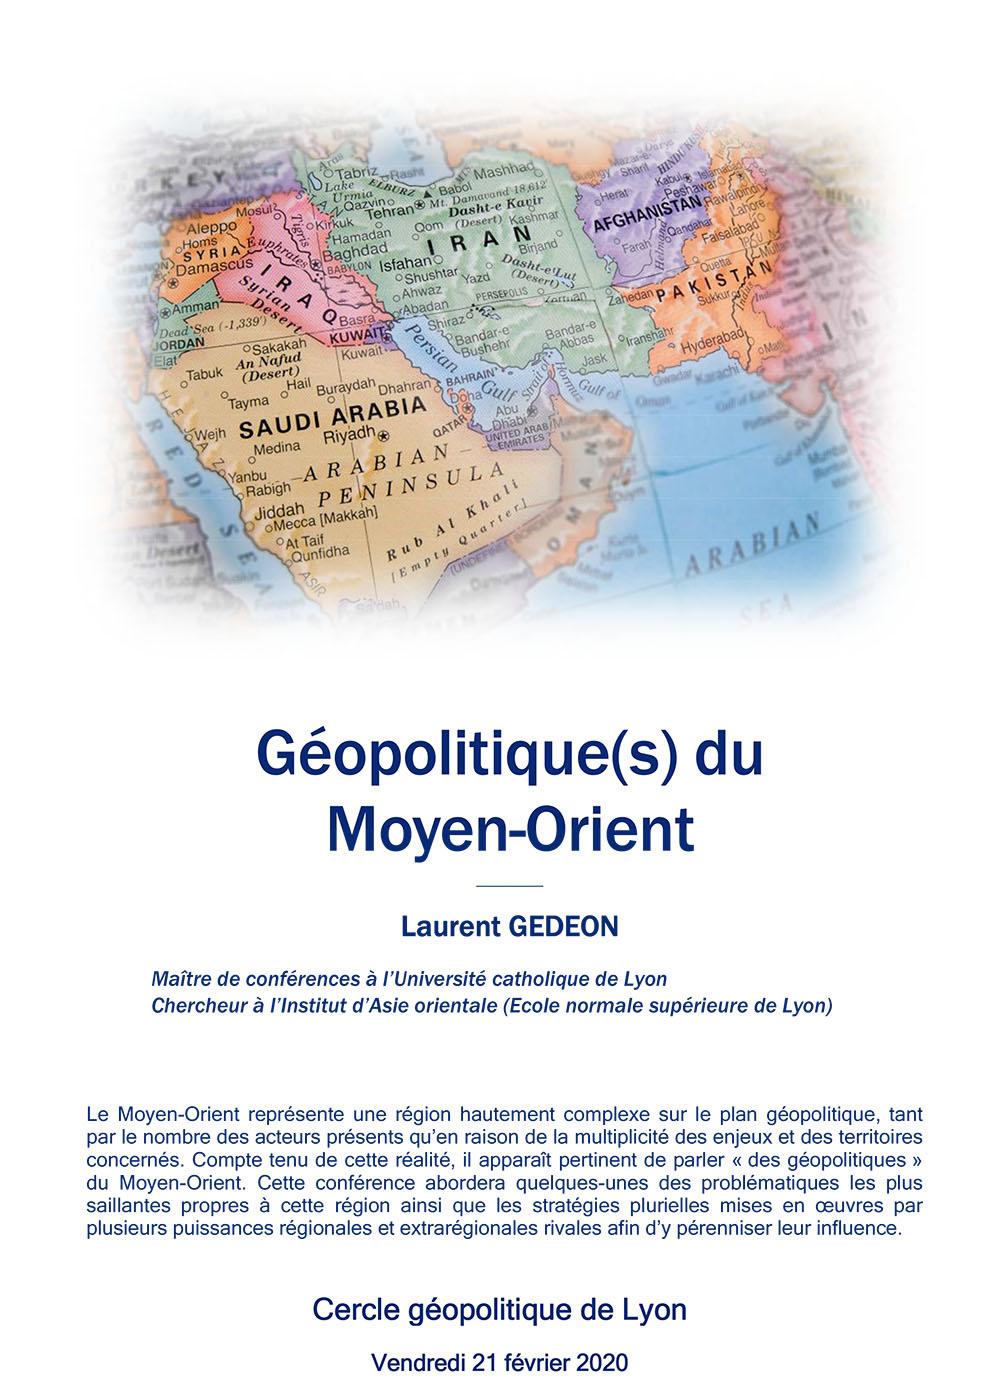 Laurent Gédéon « Géopolitique du Moyen-Orient »